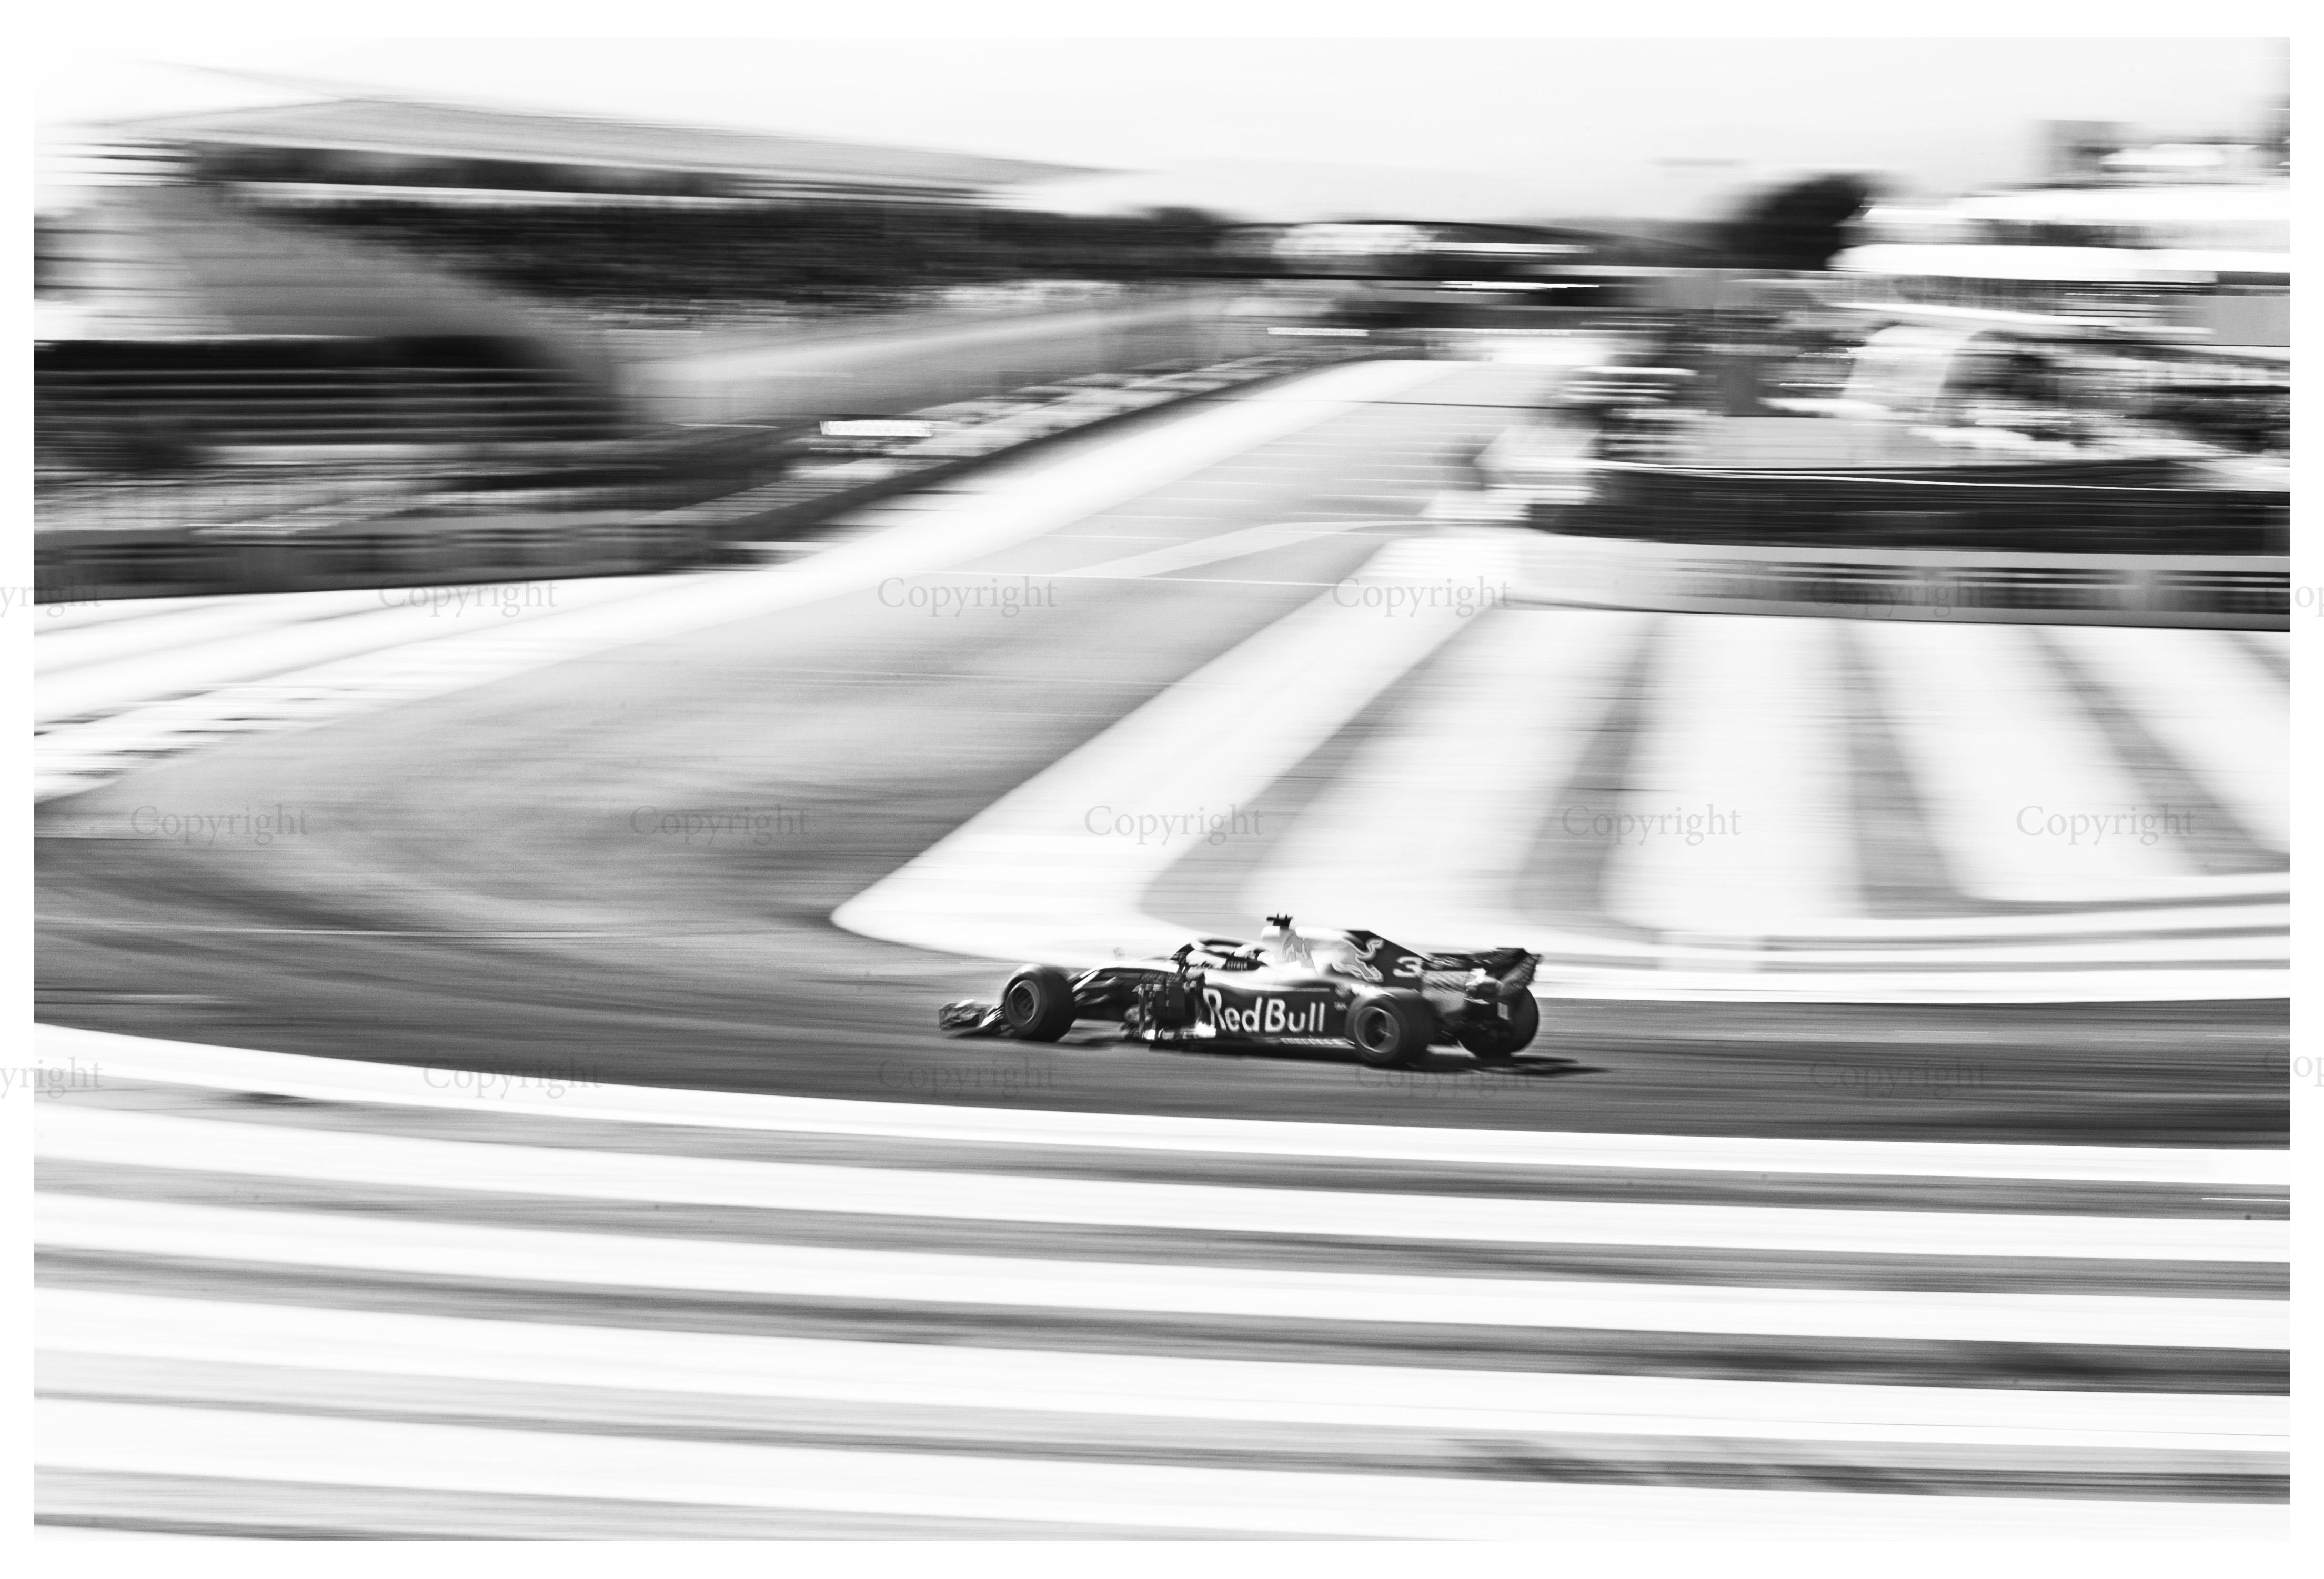 Ricciardo NB 1